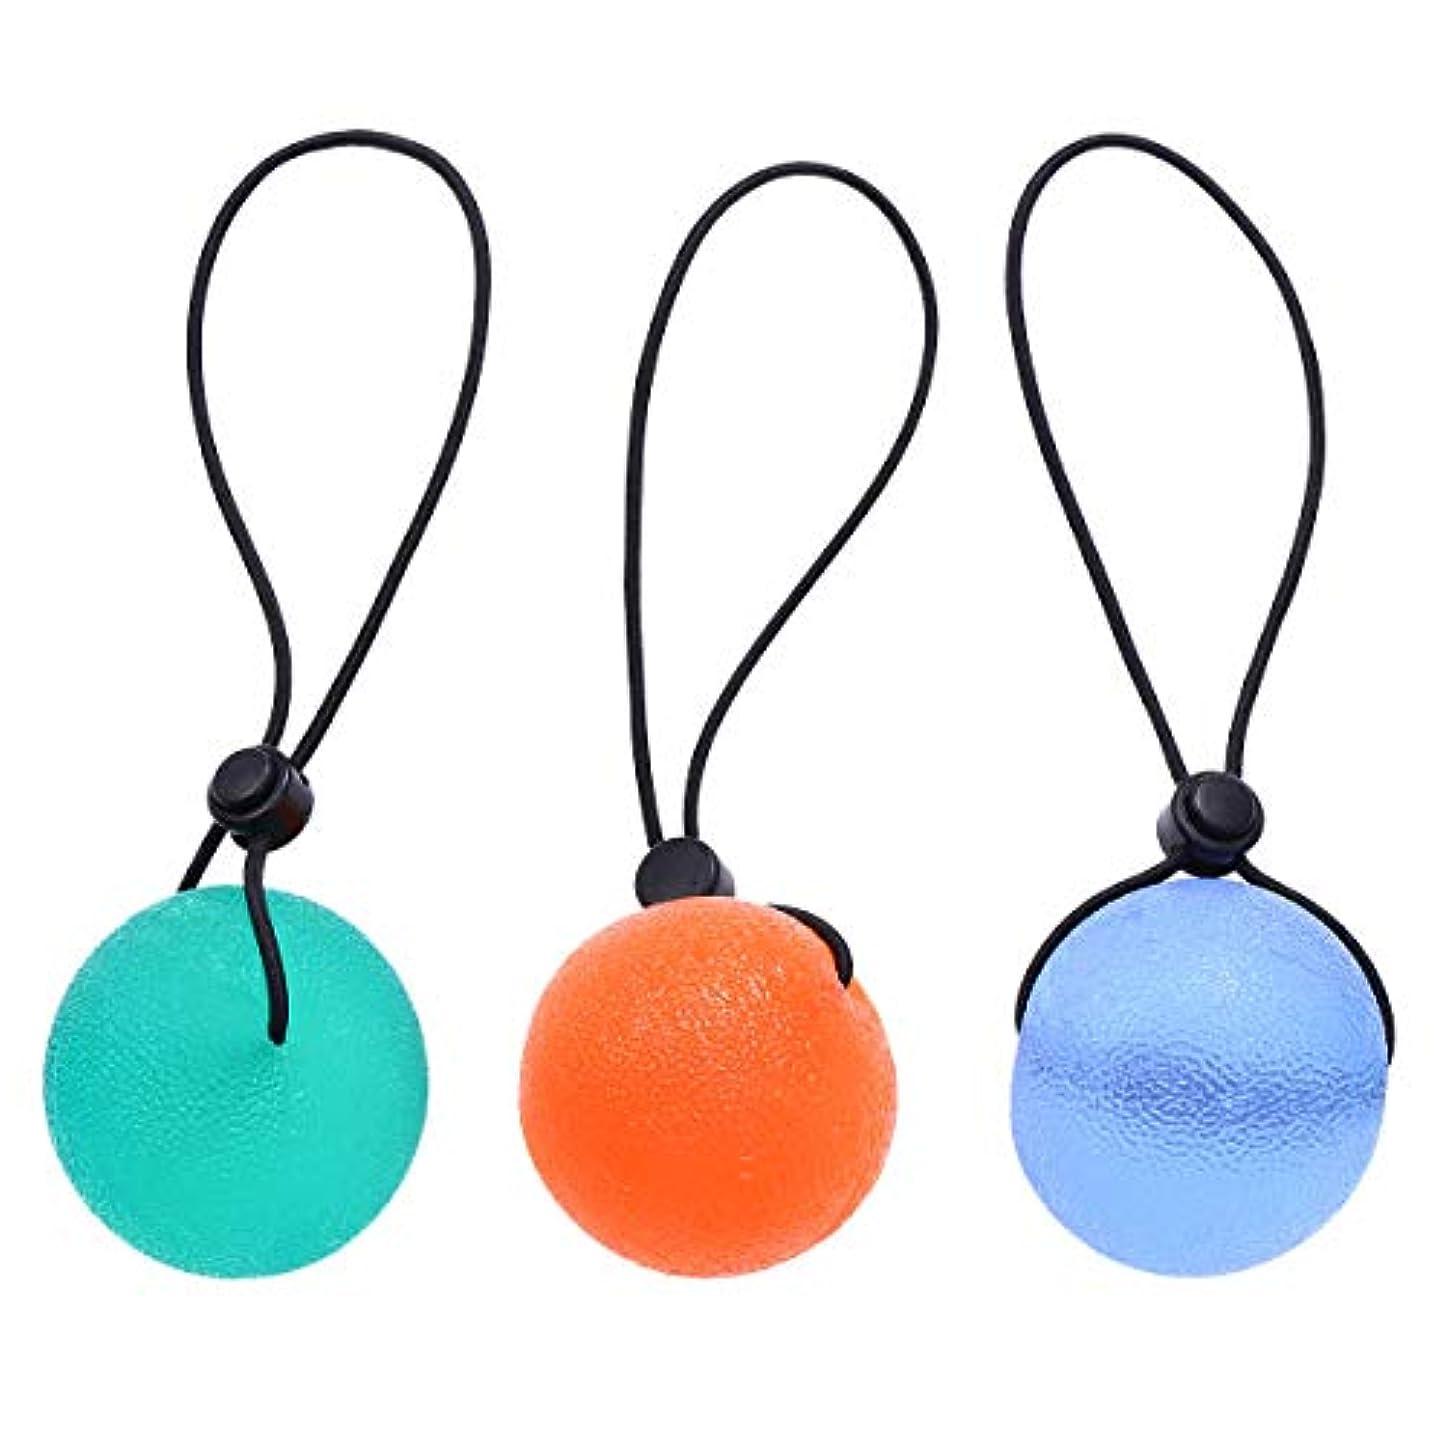 寄稿者費やすエレメンタルSUPVOX 3個シリコーングリップボールハンドエクササイズボールハンドセラピー強化剤トレーナー